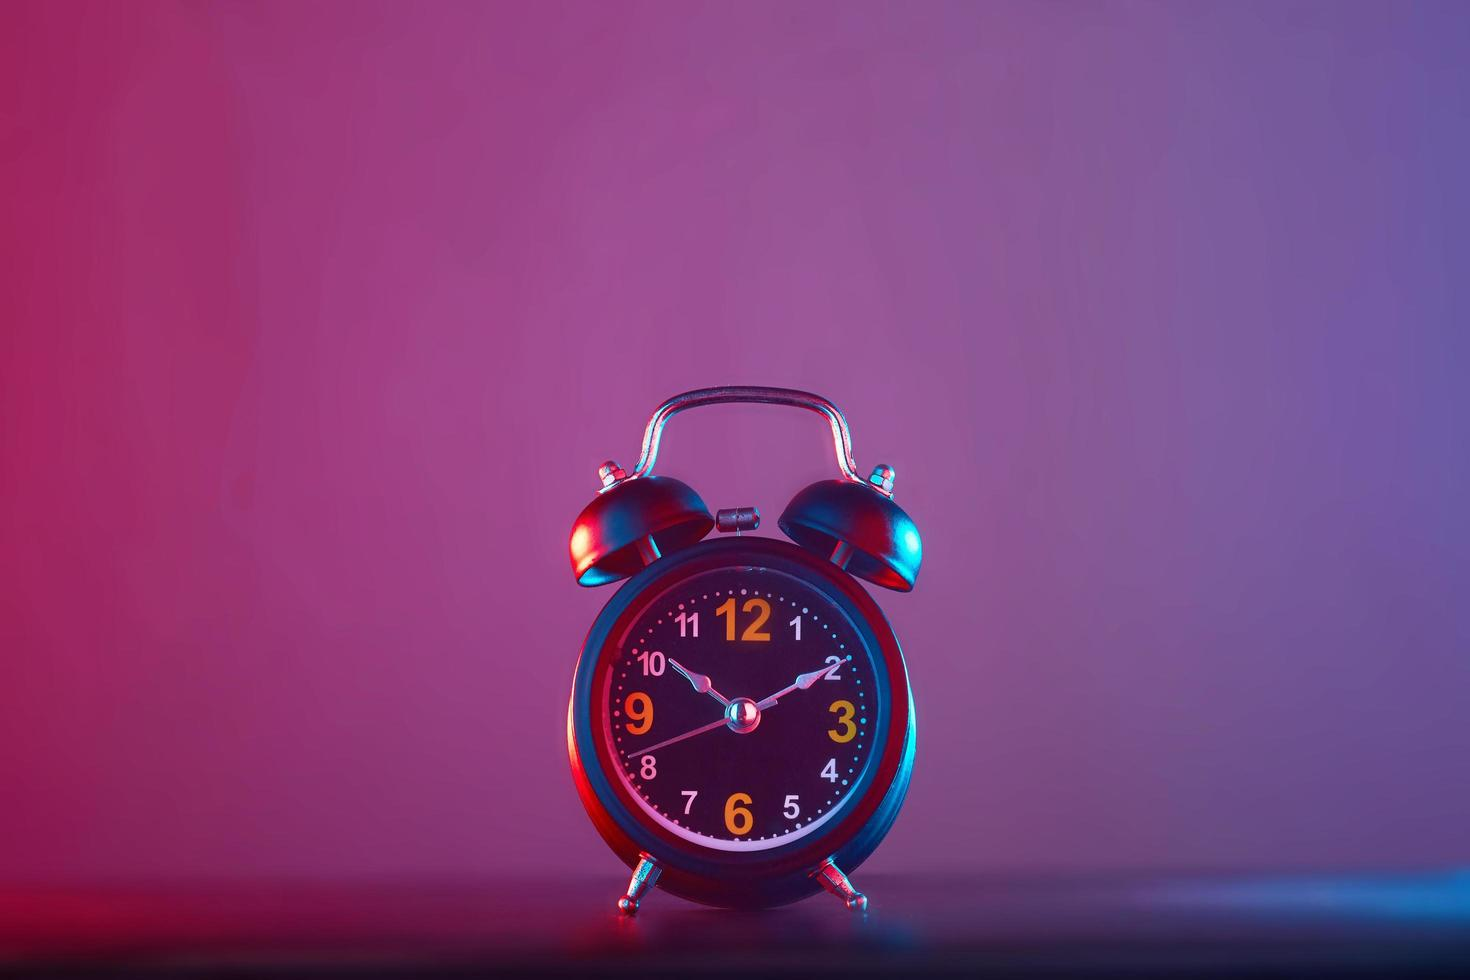 väckarklocka på färgstark bakgrund foto